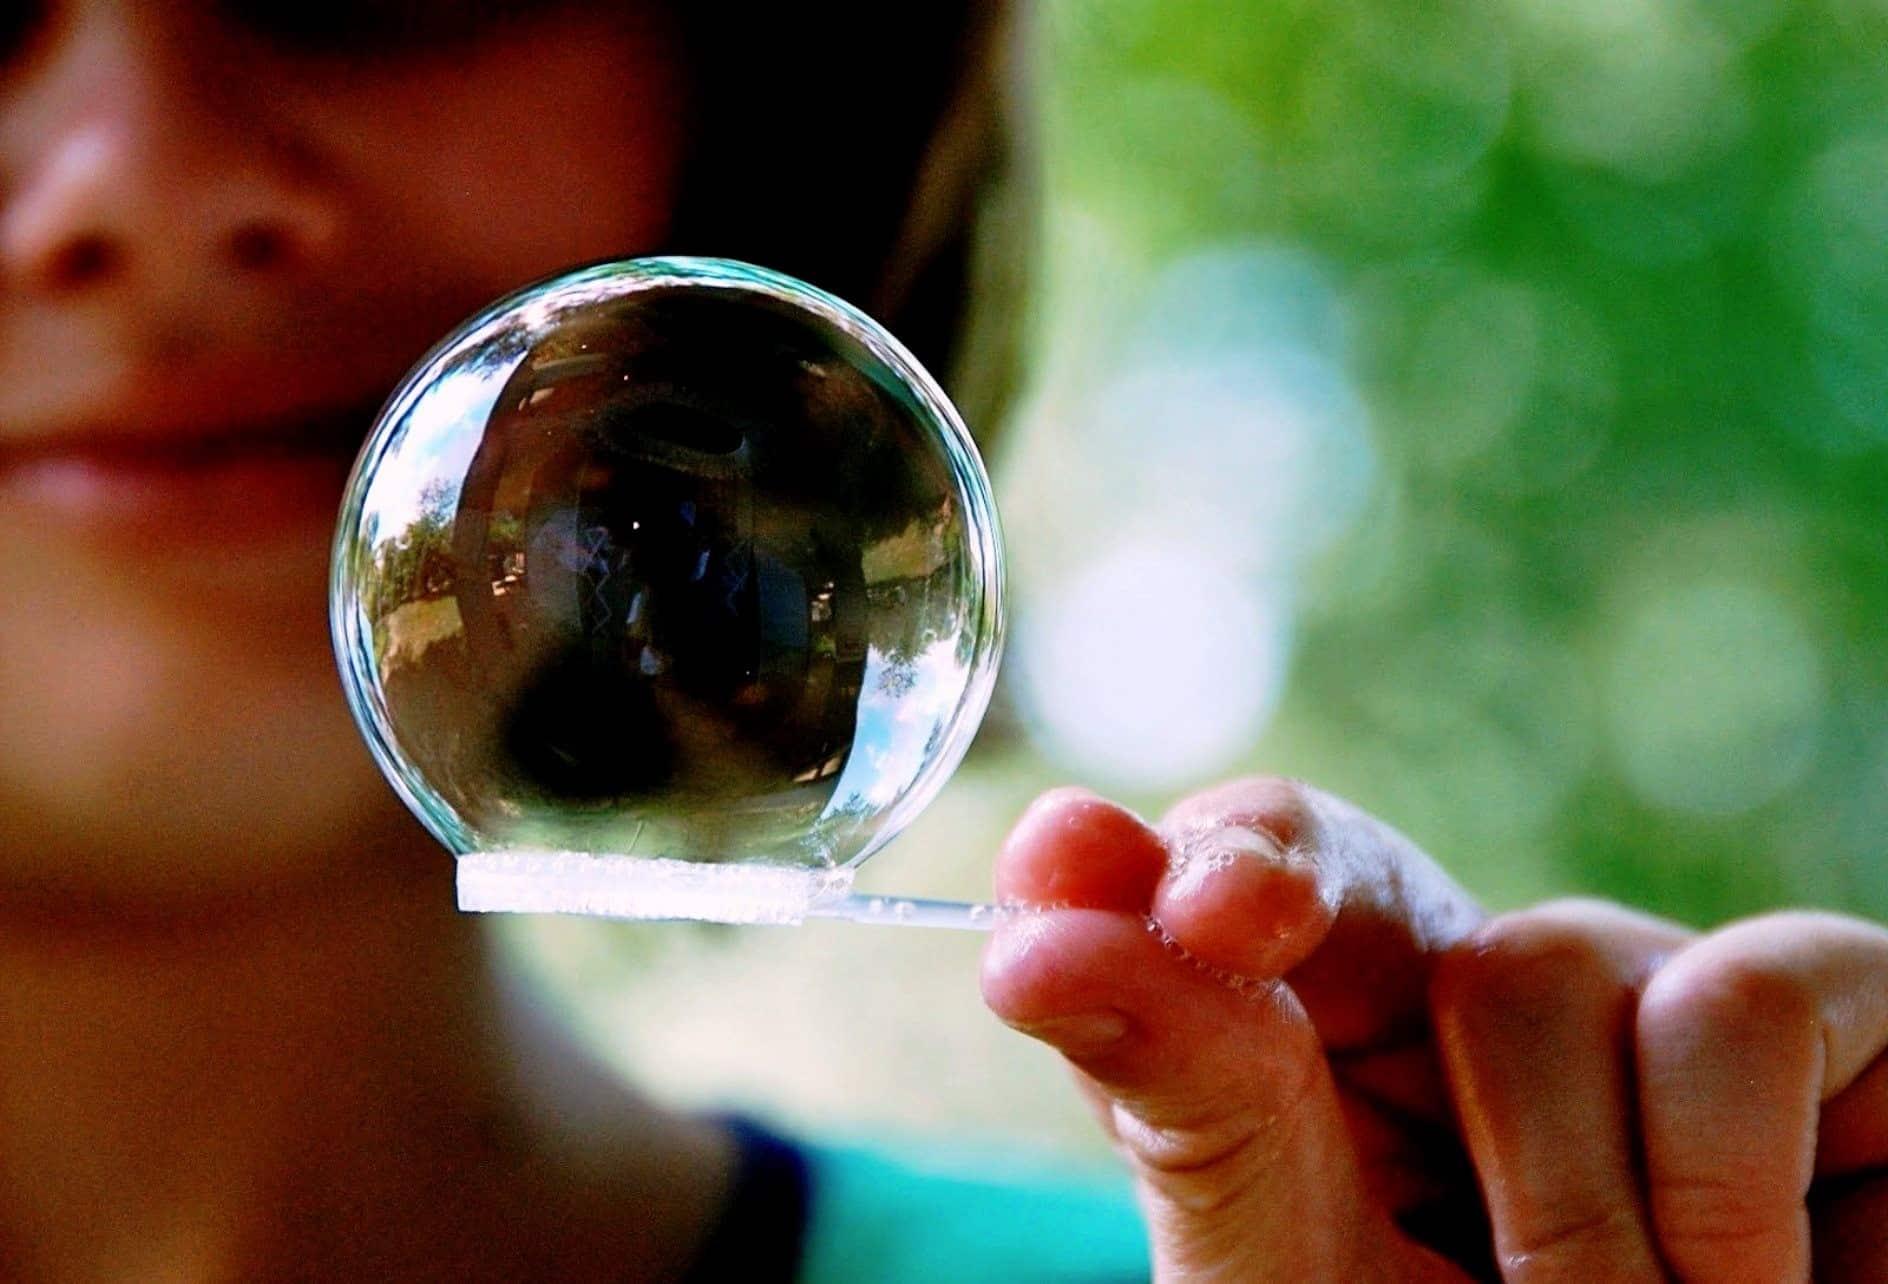 家里的肥皂泡的食谱|如何在家里制作肥皂泡